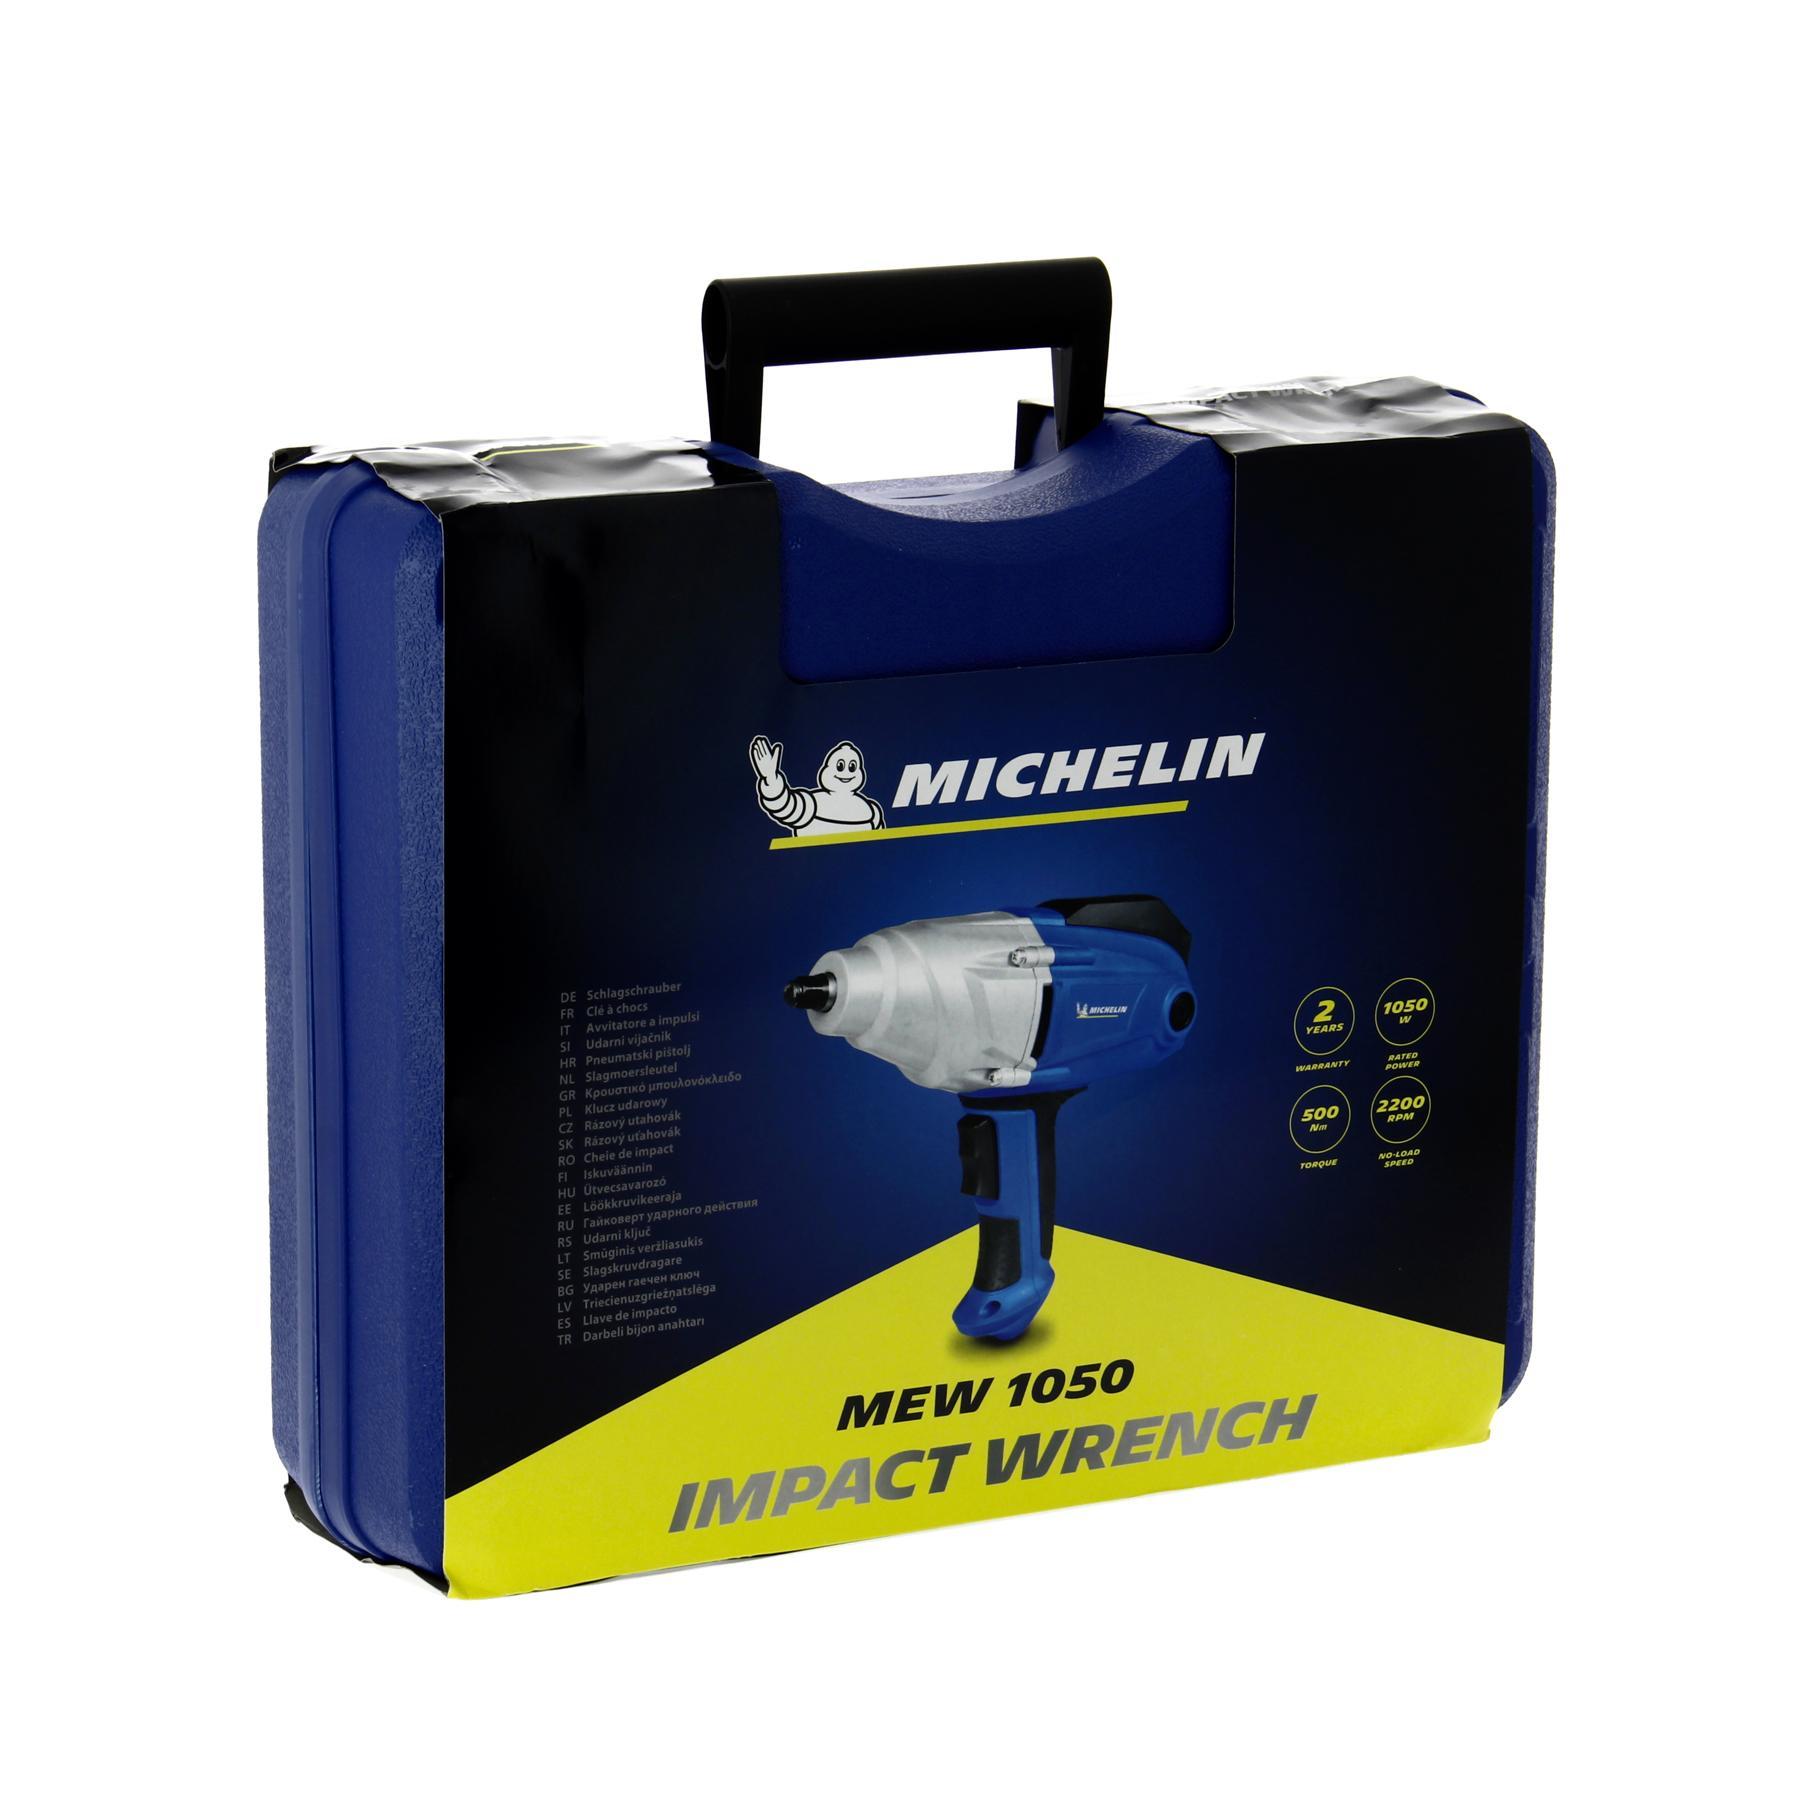 Slagmoersleutel Michelin 008523 4250116820405